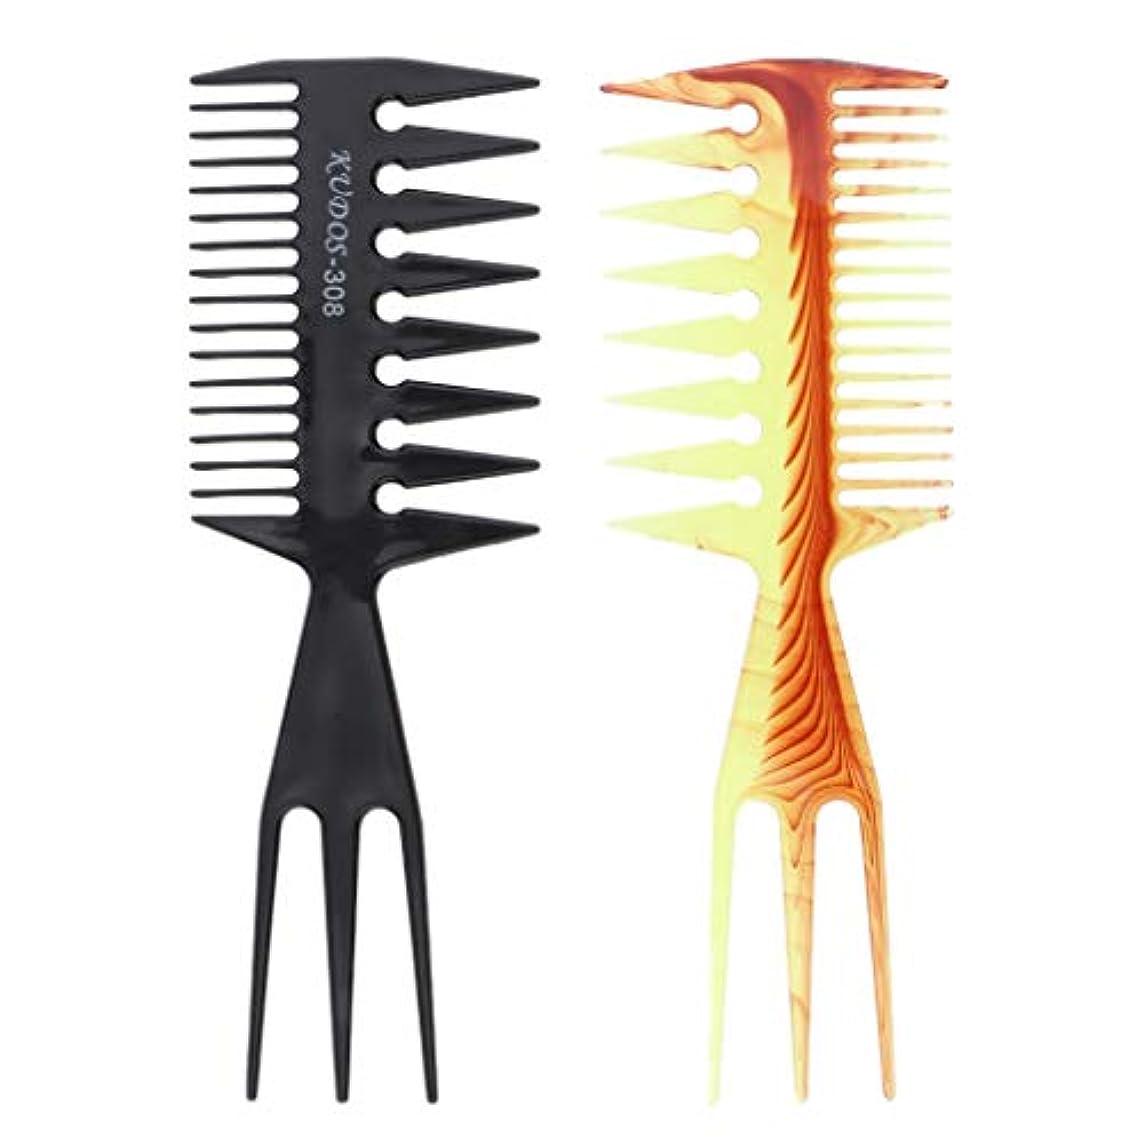 可愛いプラットフォーム近似SM SunniMix へアカラーセット ヘアダイブラシ DIY髪染め用 サロン 美髪師用 ヘアカラーの用具 2個セット